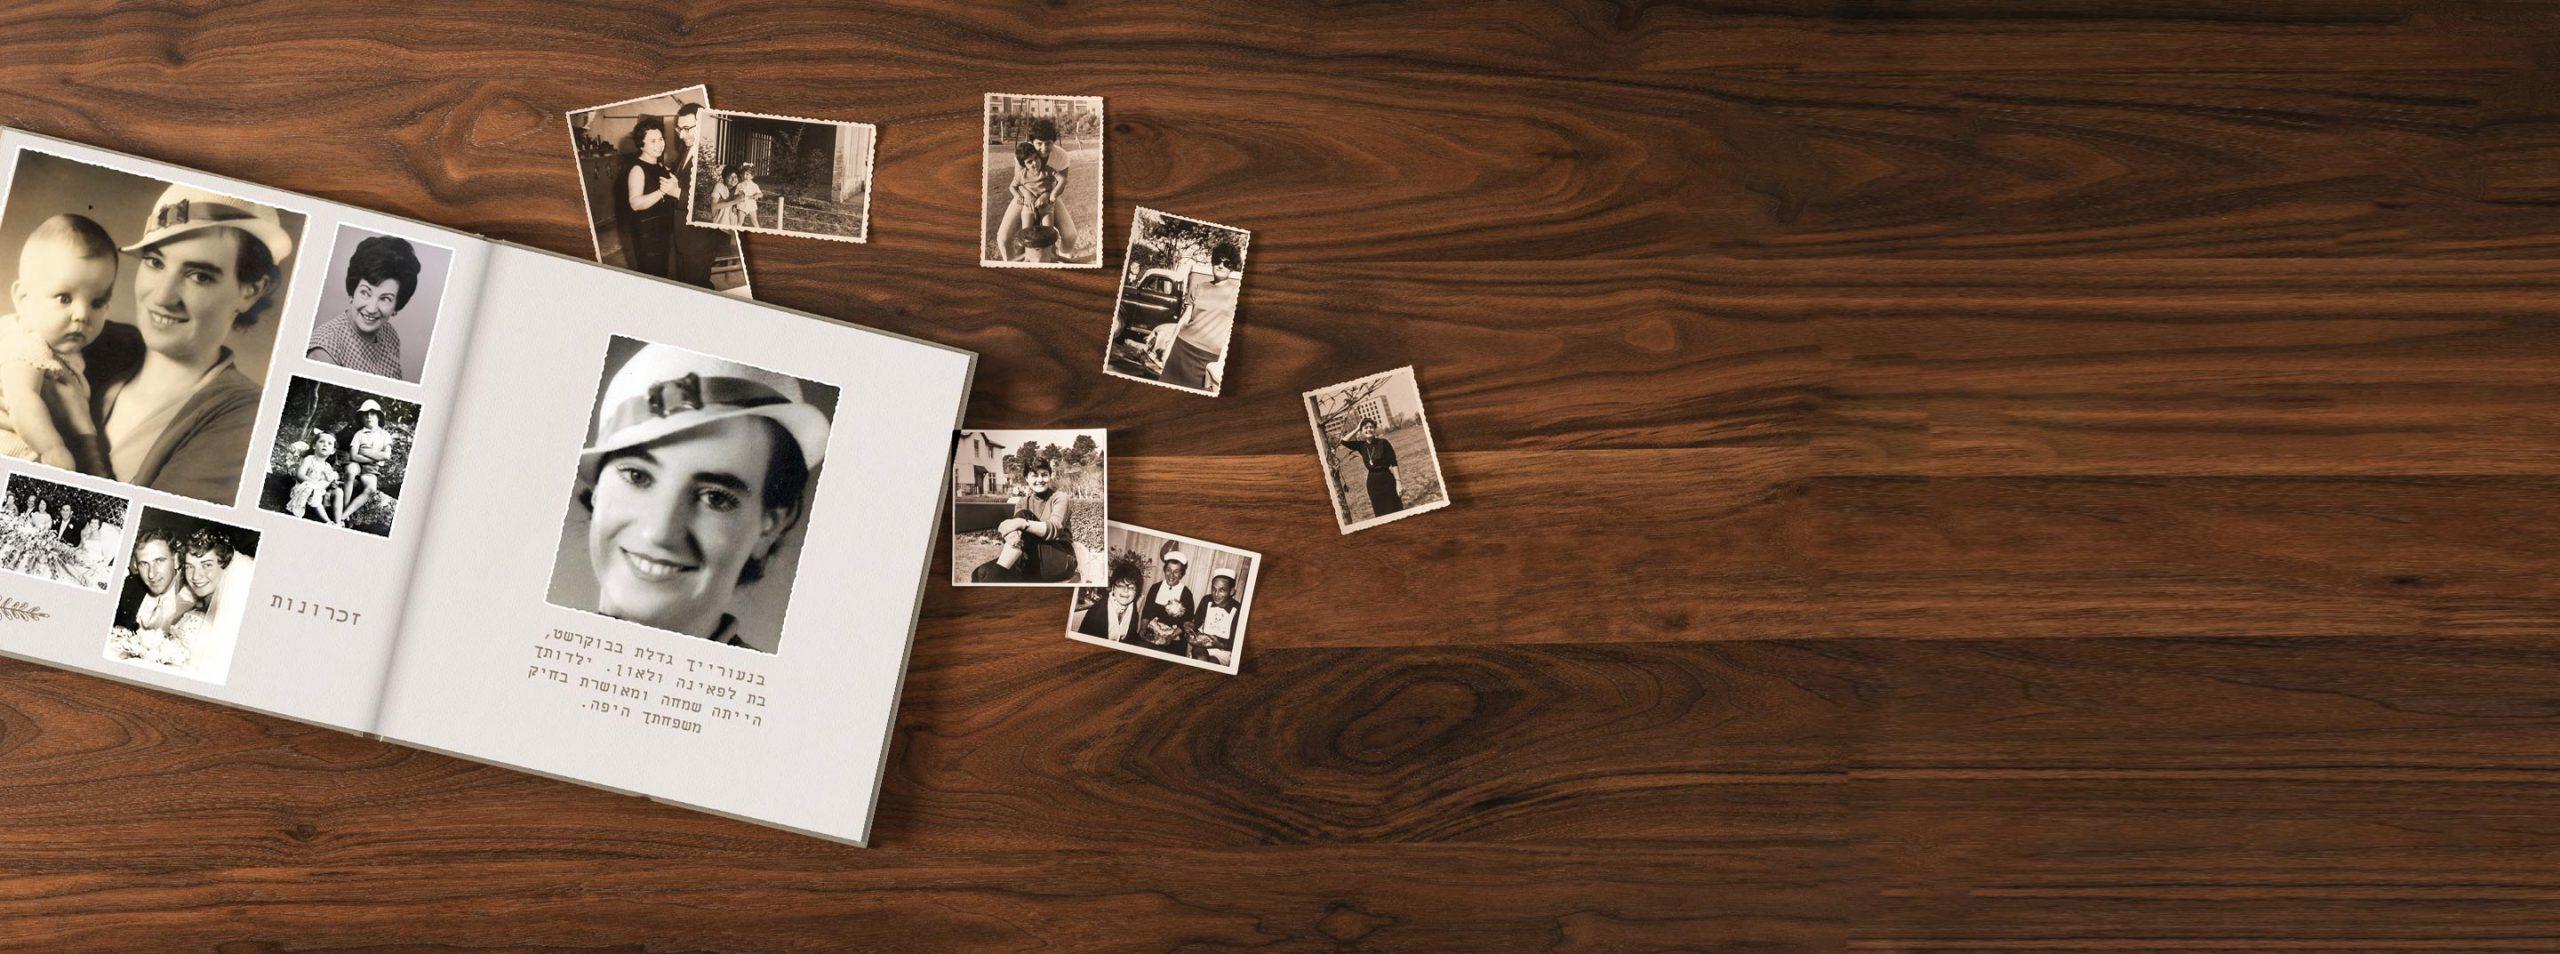 אלבום תמונות במתנה לאימא